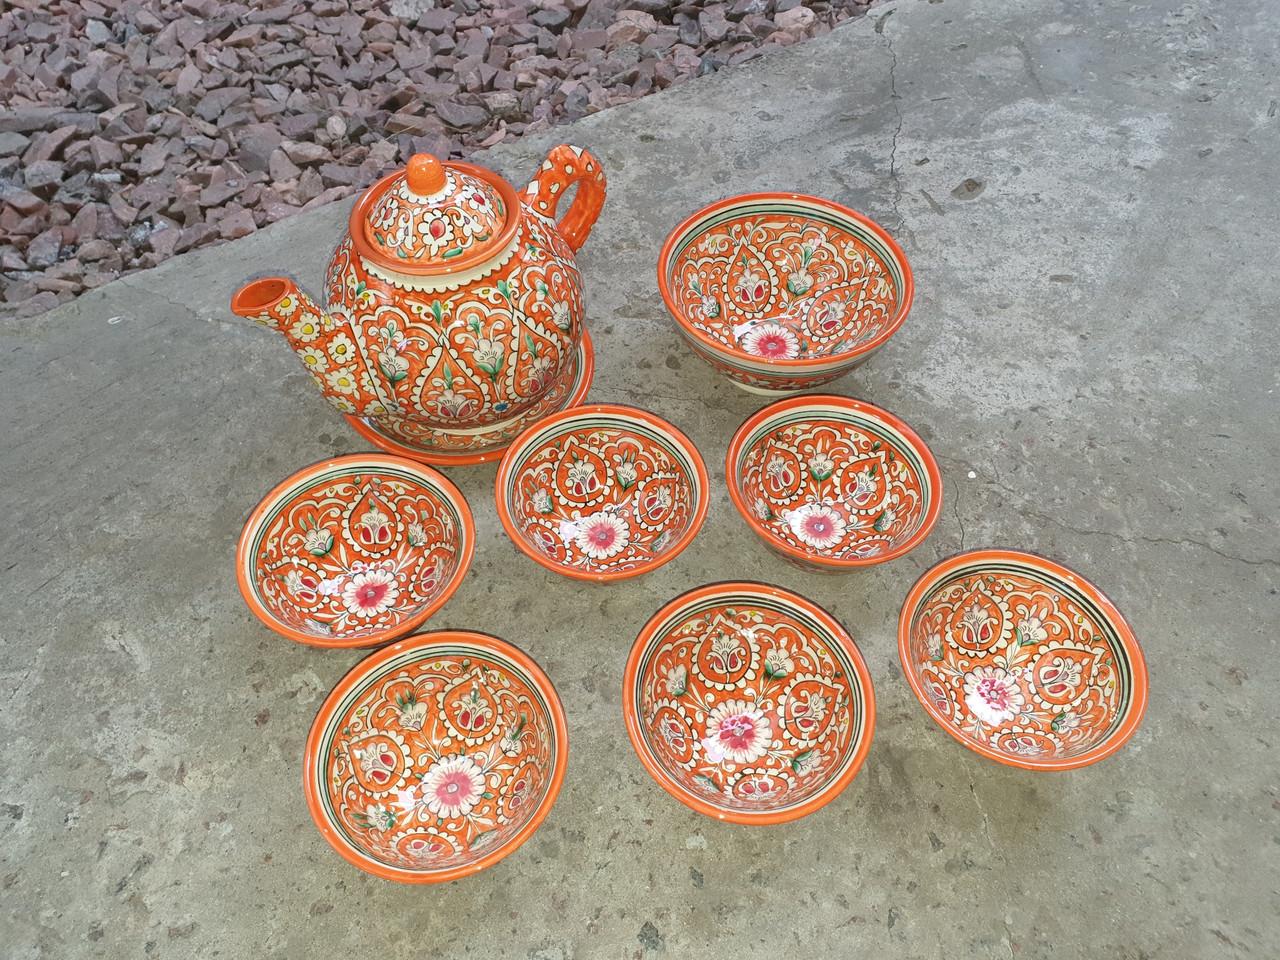 Узбекский чайный сервиз Риштан из 9 предметов. Красивый чайный сервиз ручной работы.